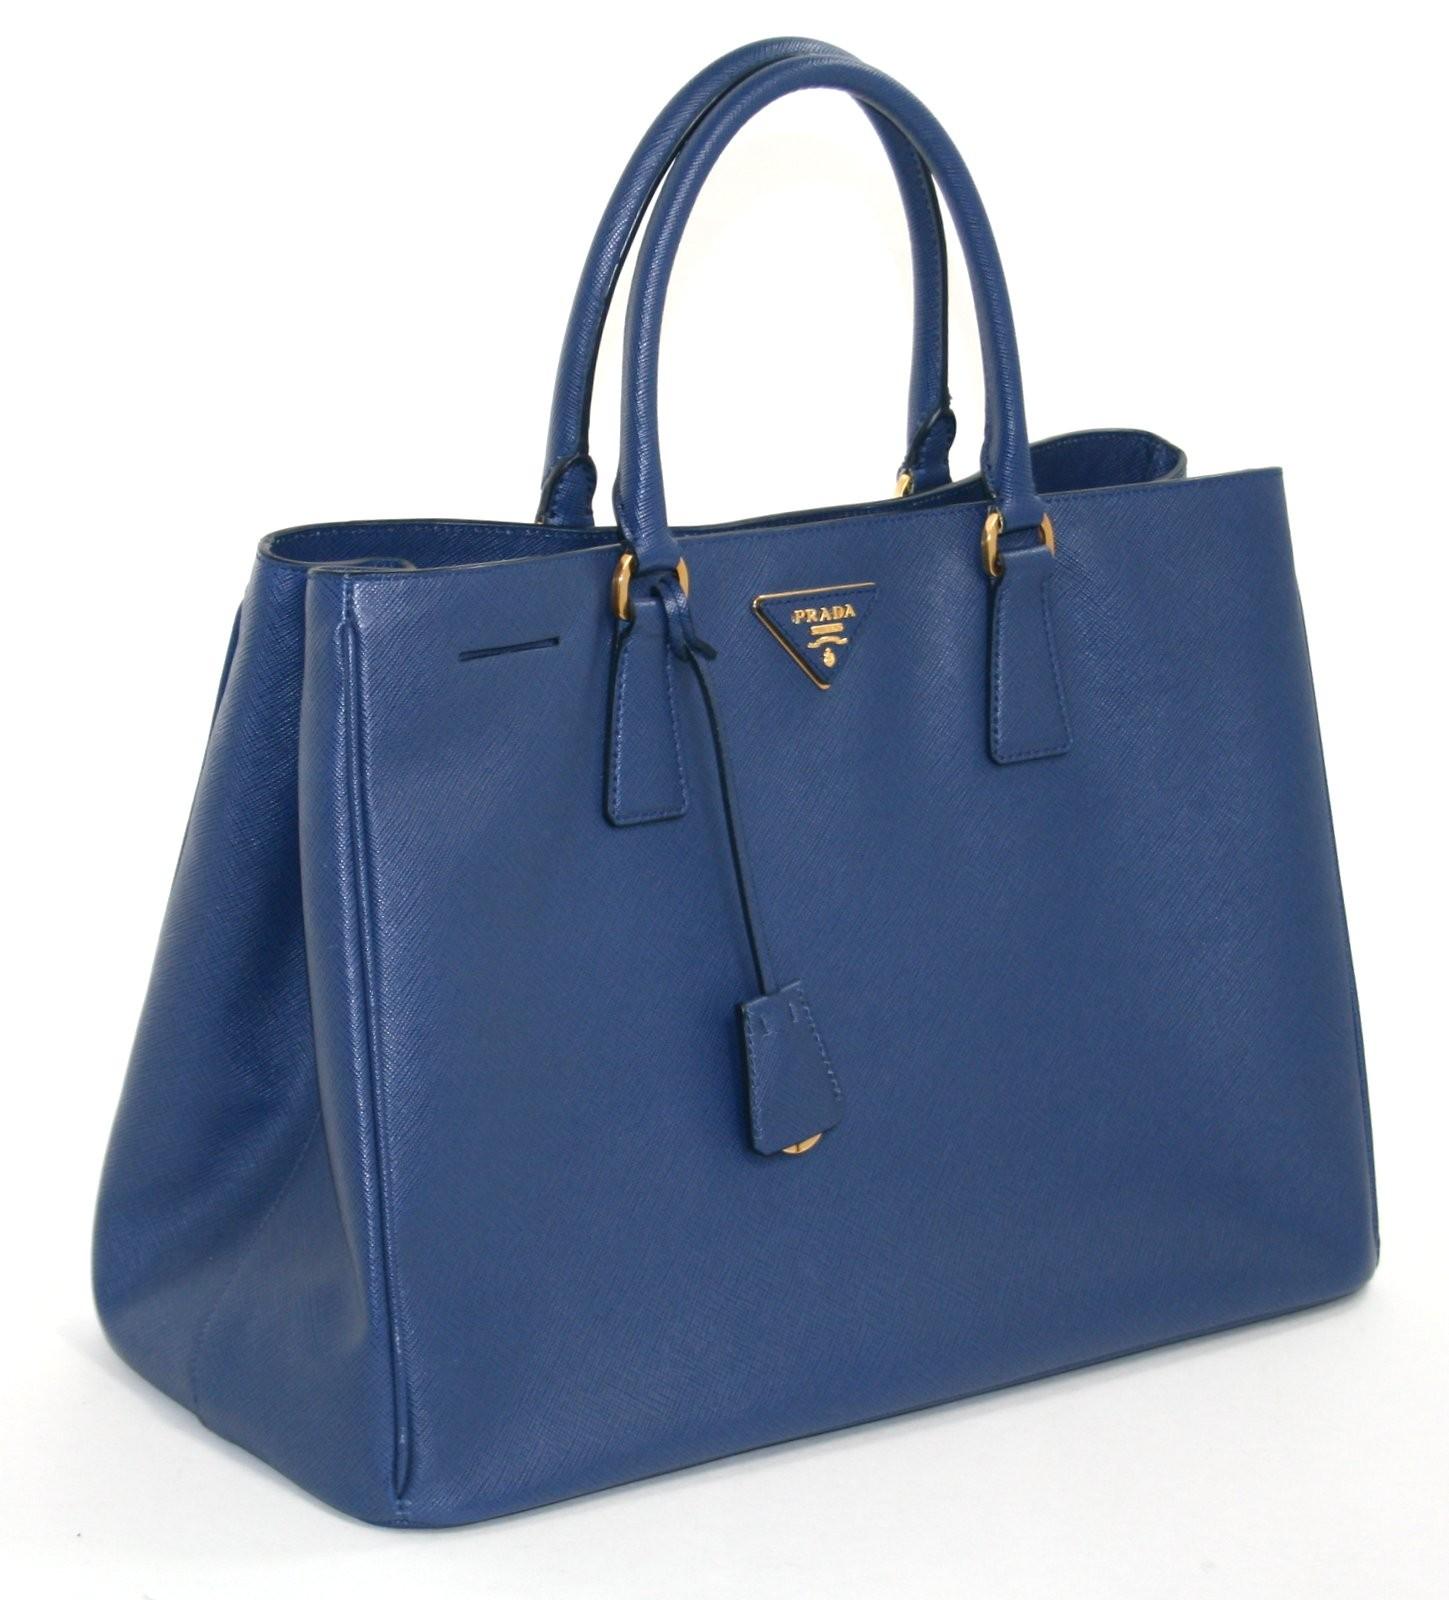 Prada Bluette Saffiano Leather Lux Tote Shopper | Portero Luxury